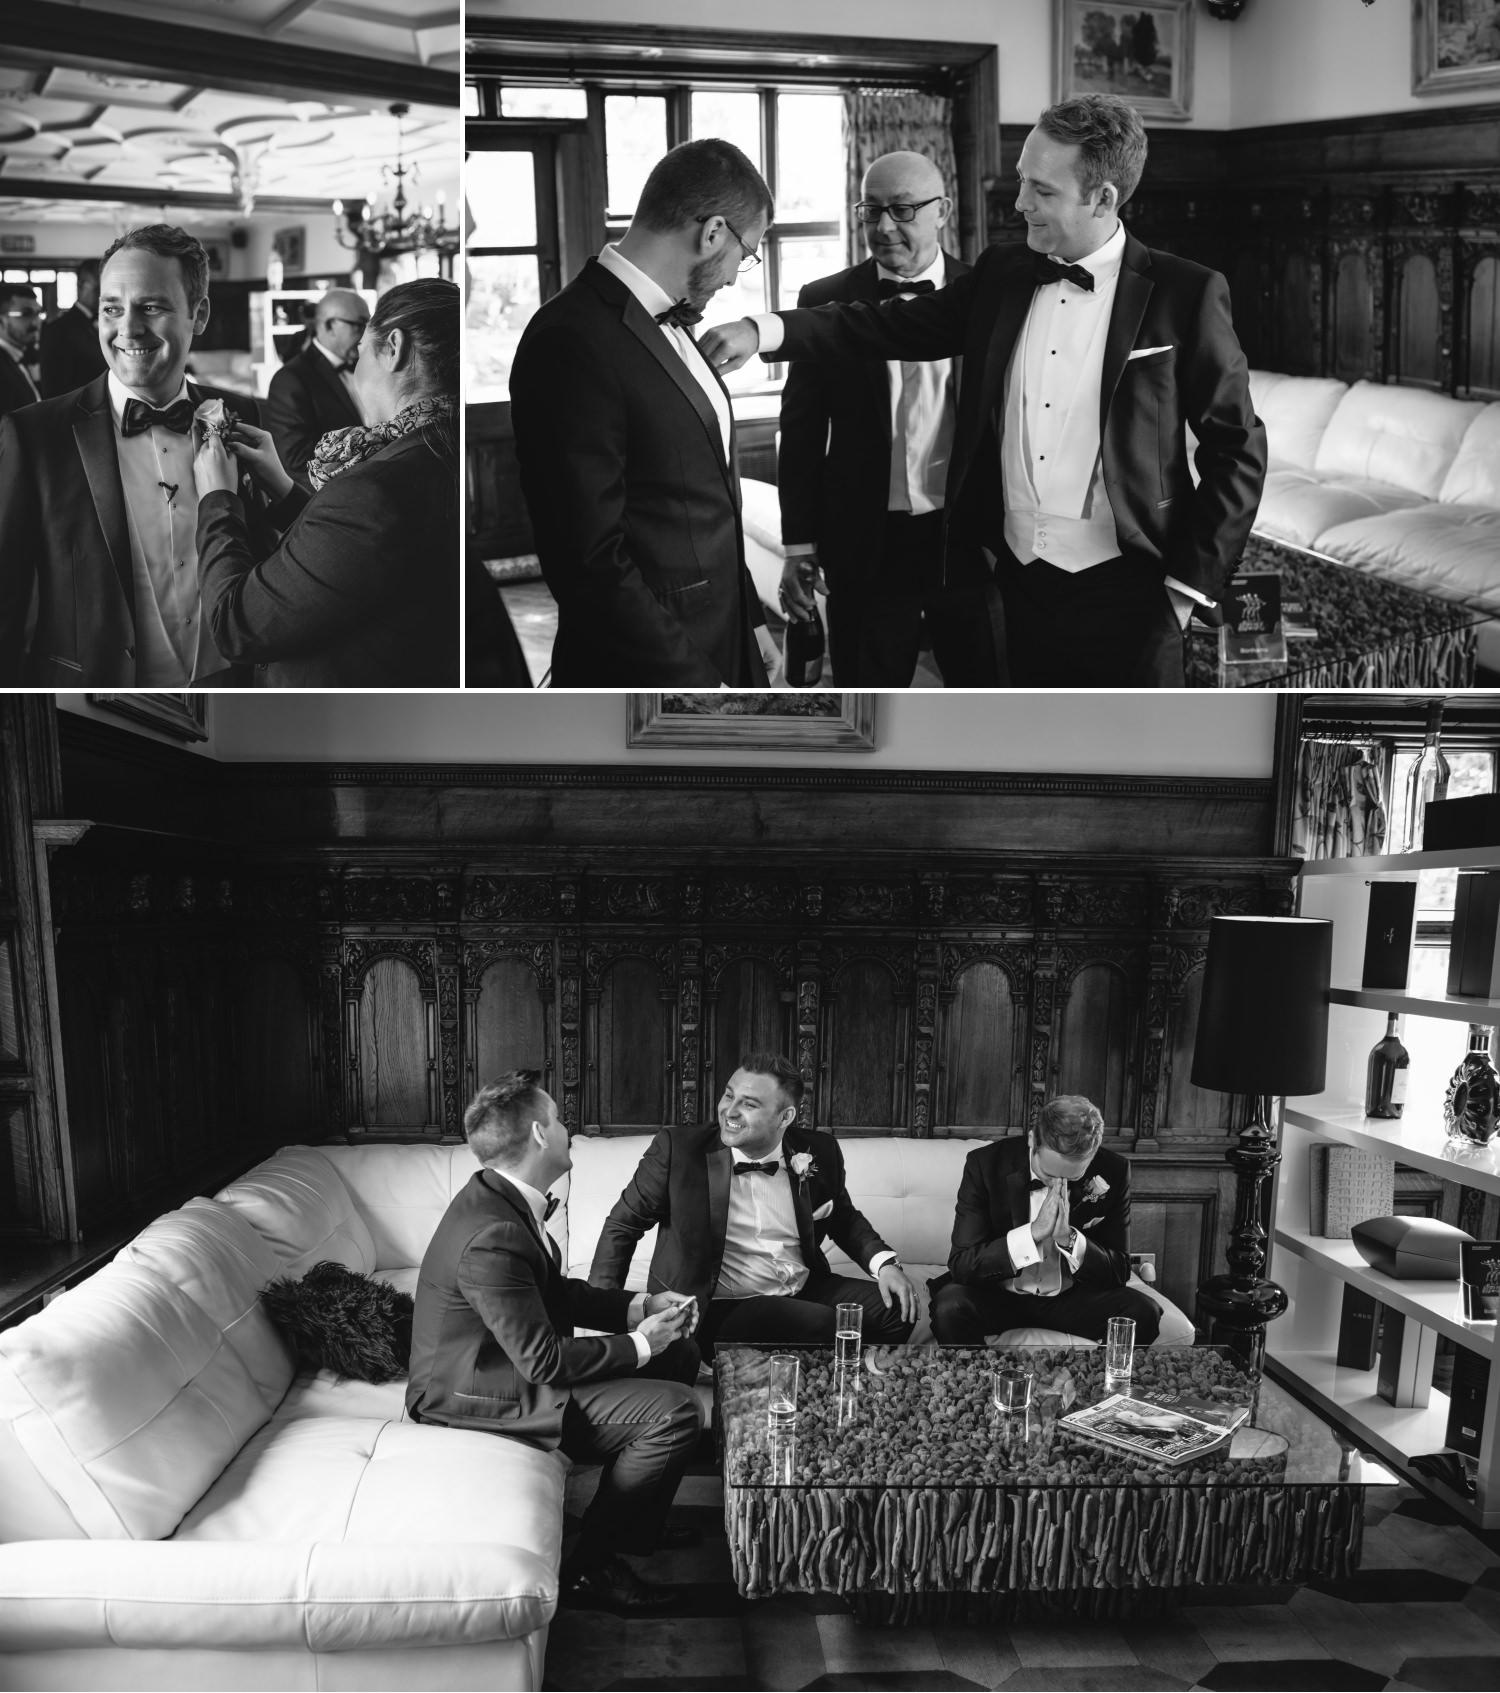 Hillbark hotel wedding venue photographs of boys getting ready